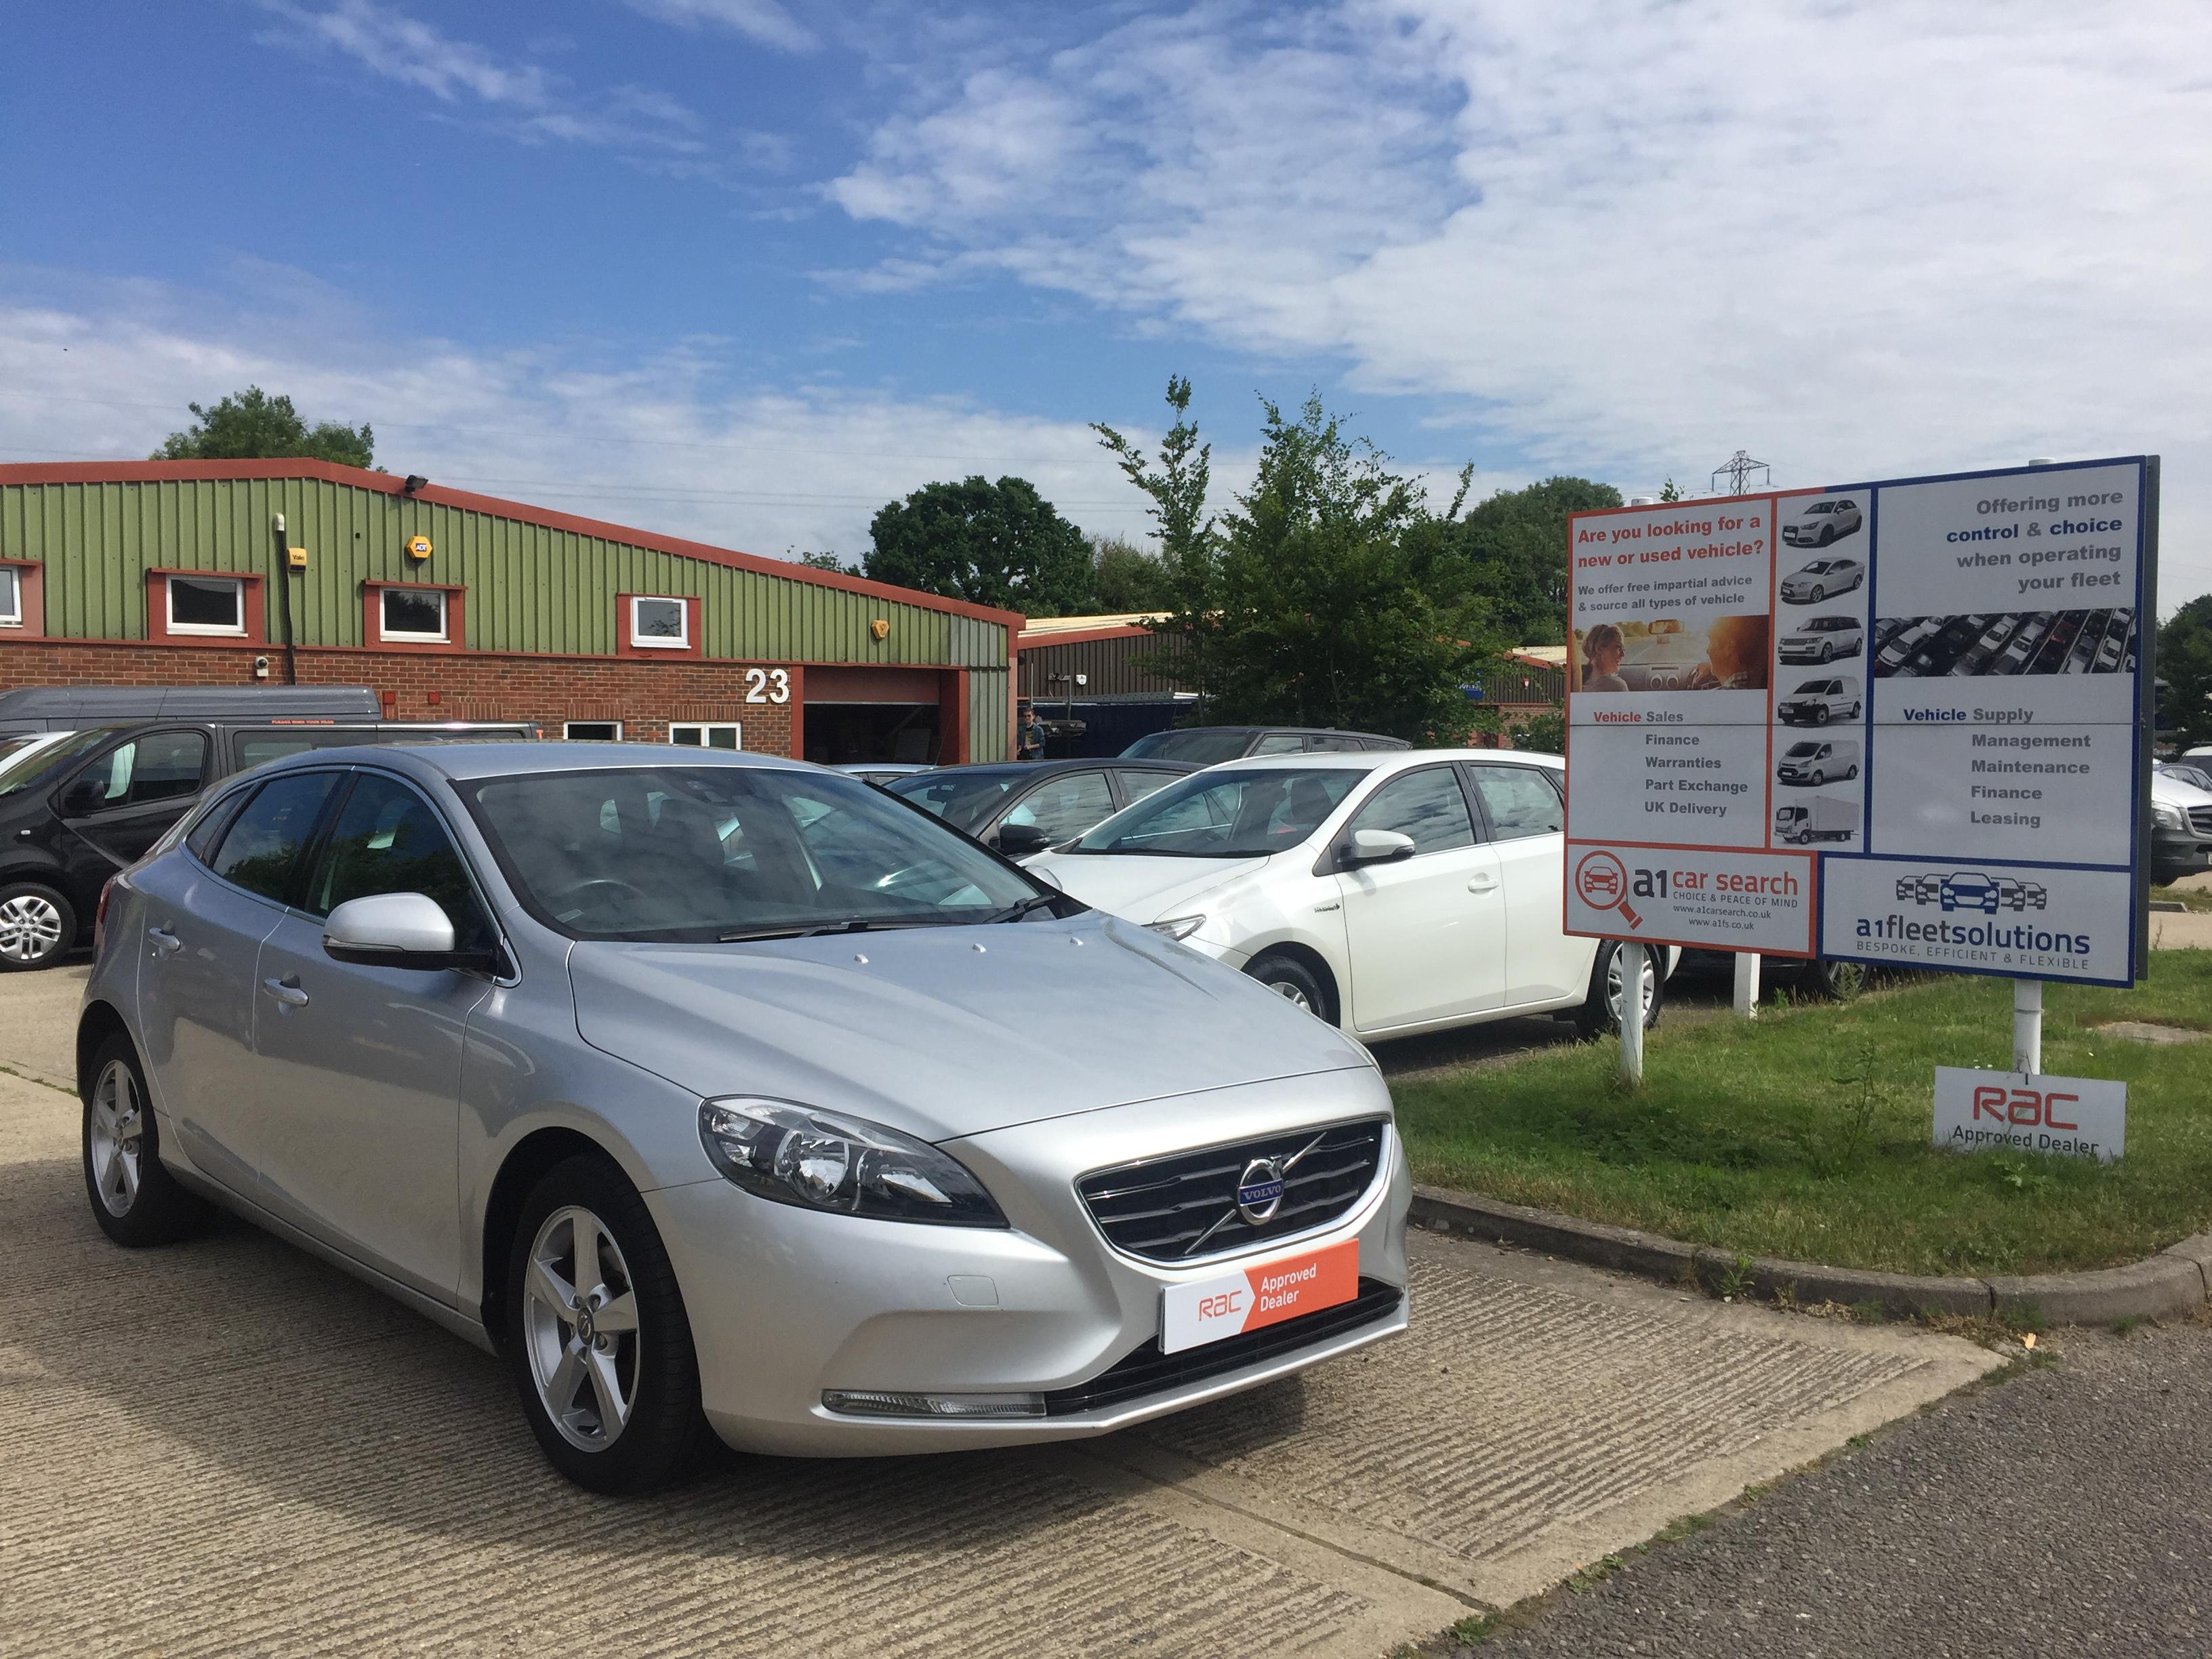 2013/63 Volvo V40 SE D2, Manual, 1.6, Diesel, 5 door Hatchback, Silver